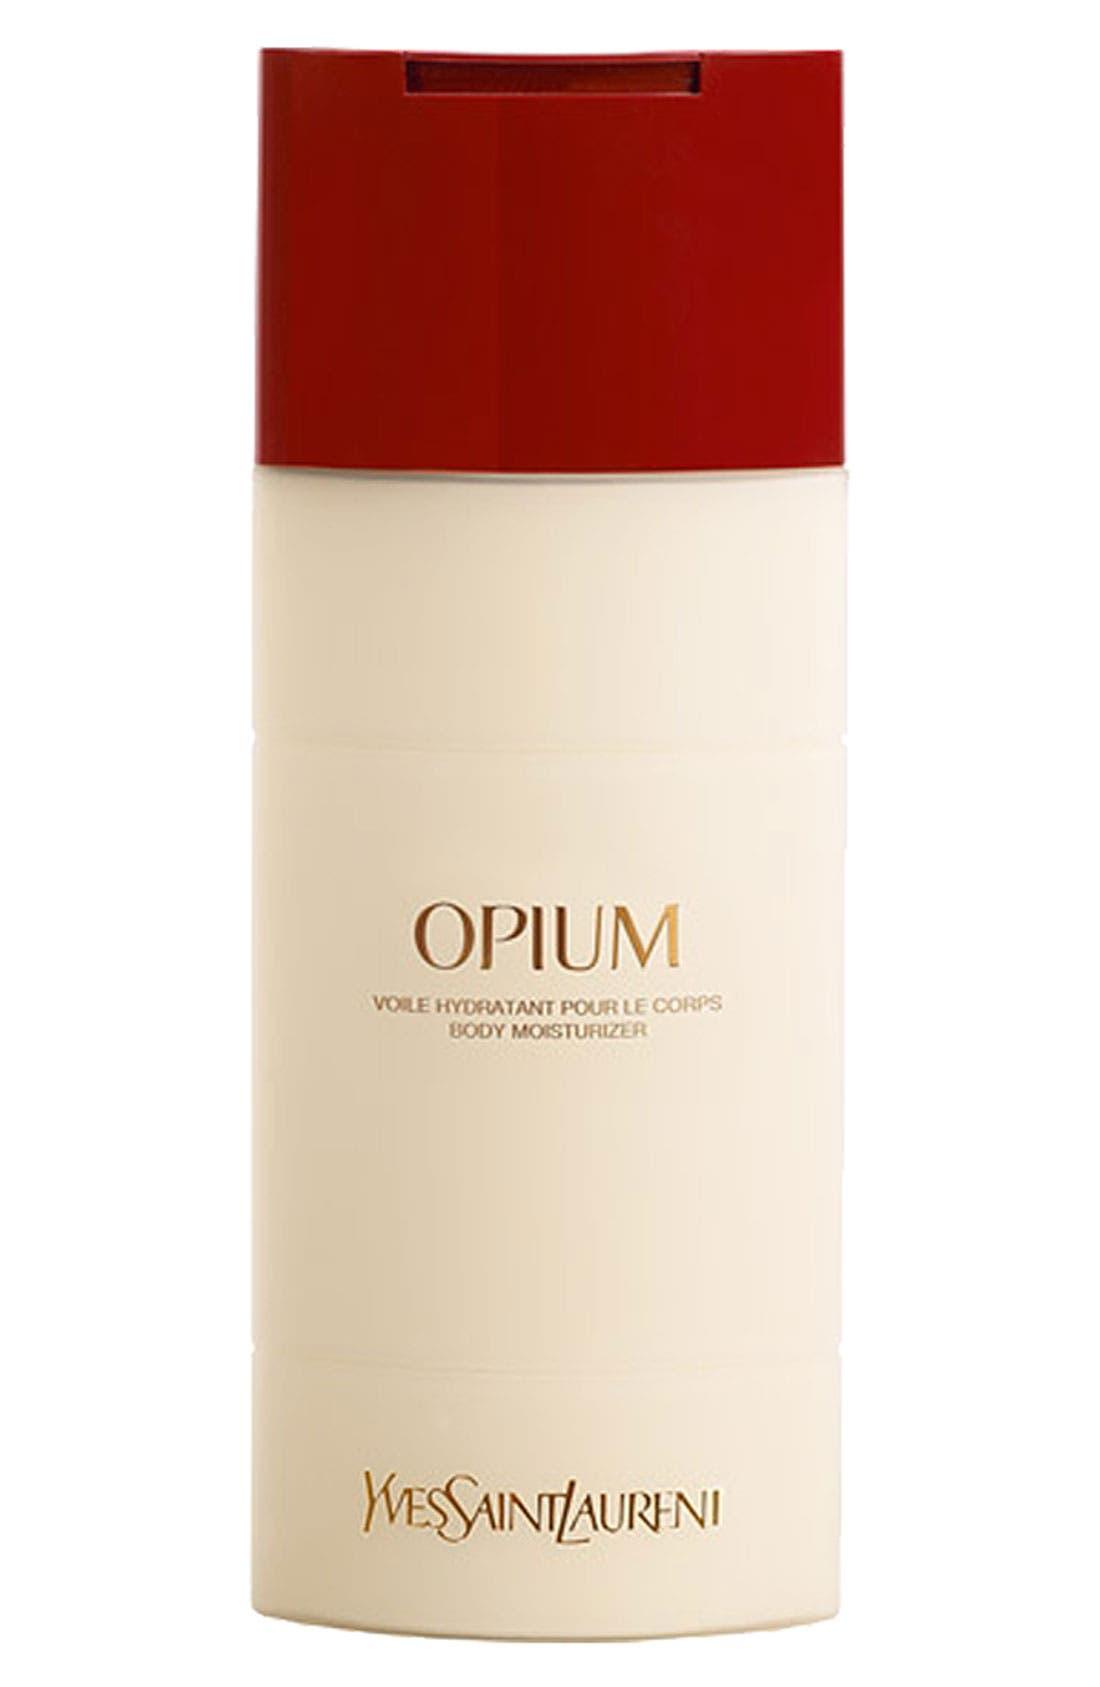 Yves Saint Laurent 'Opium' Body Moisturizer